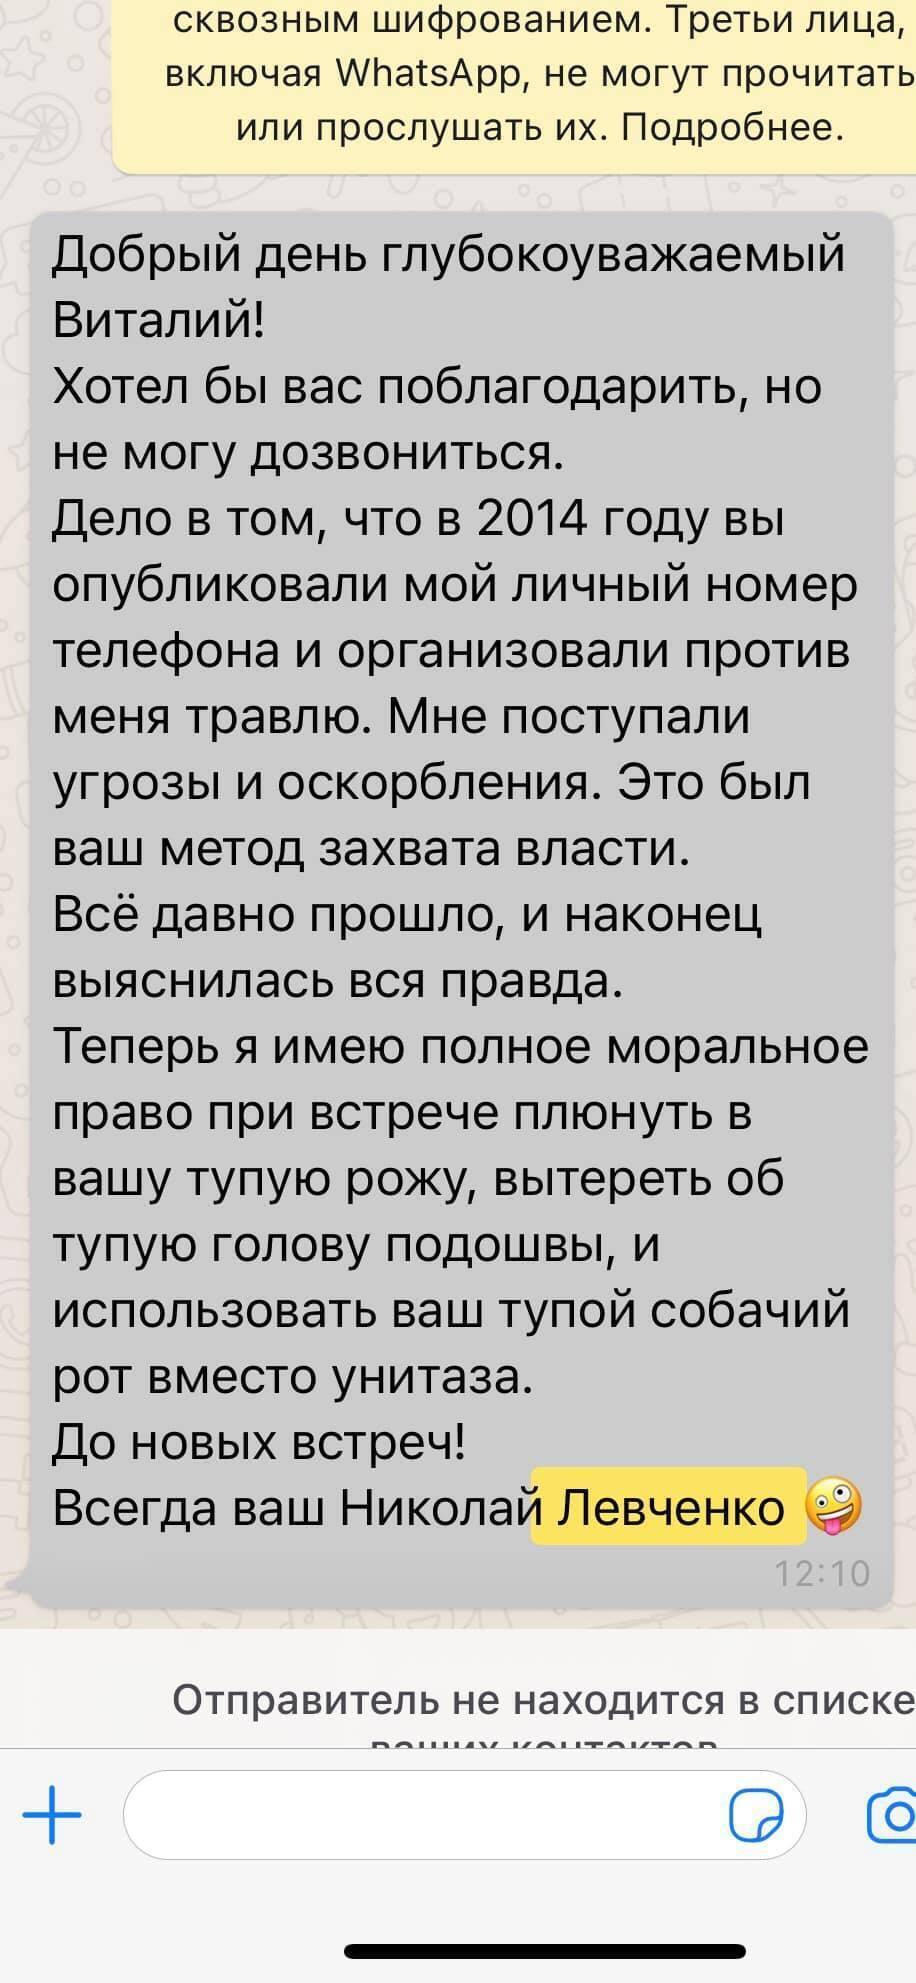 Повідомлення Миколи Левченка з погрозами на адресу Віталія Сича